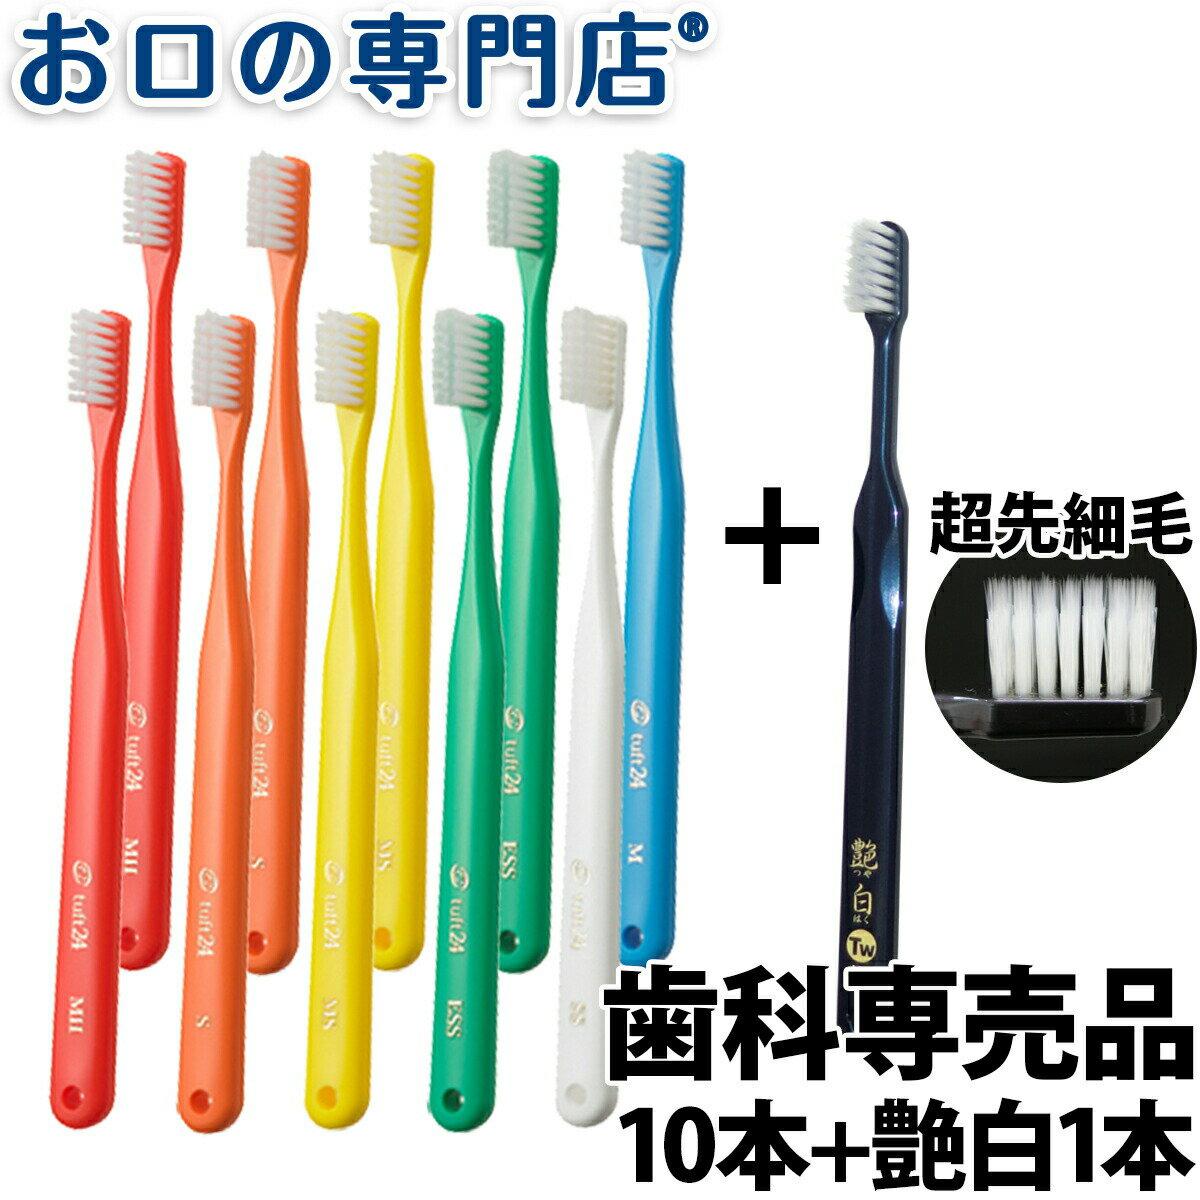 【送料込】タフト24歯ブラシ10本 + 艶白歯ブラシ(日本製)1本【タフト24】【メール便送料無料】